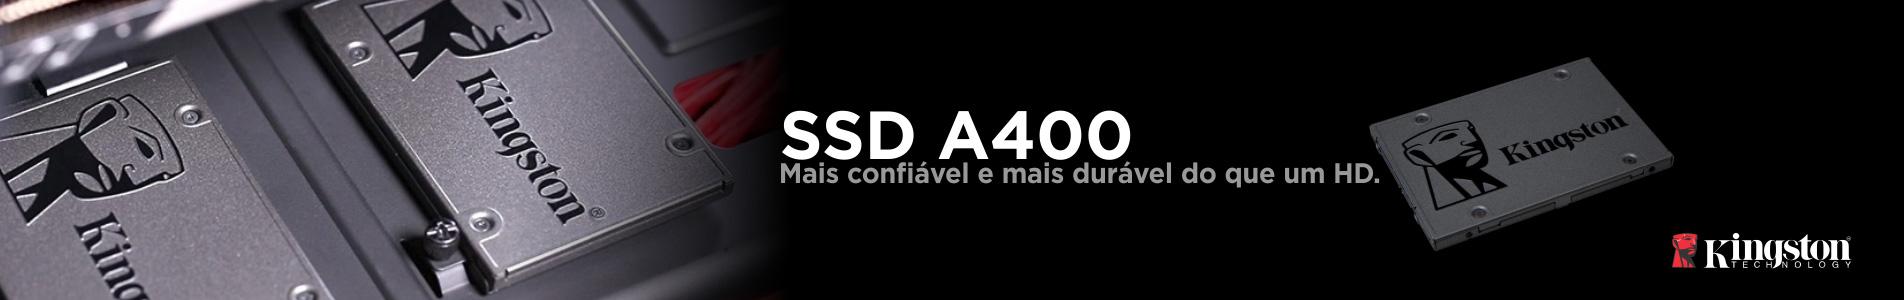 ssd A400